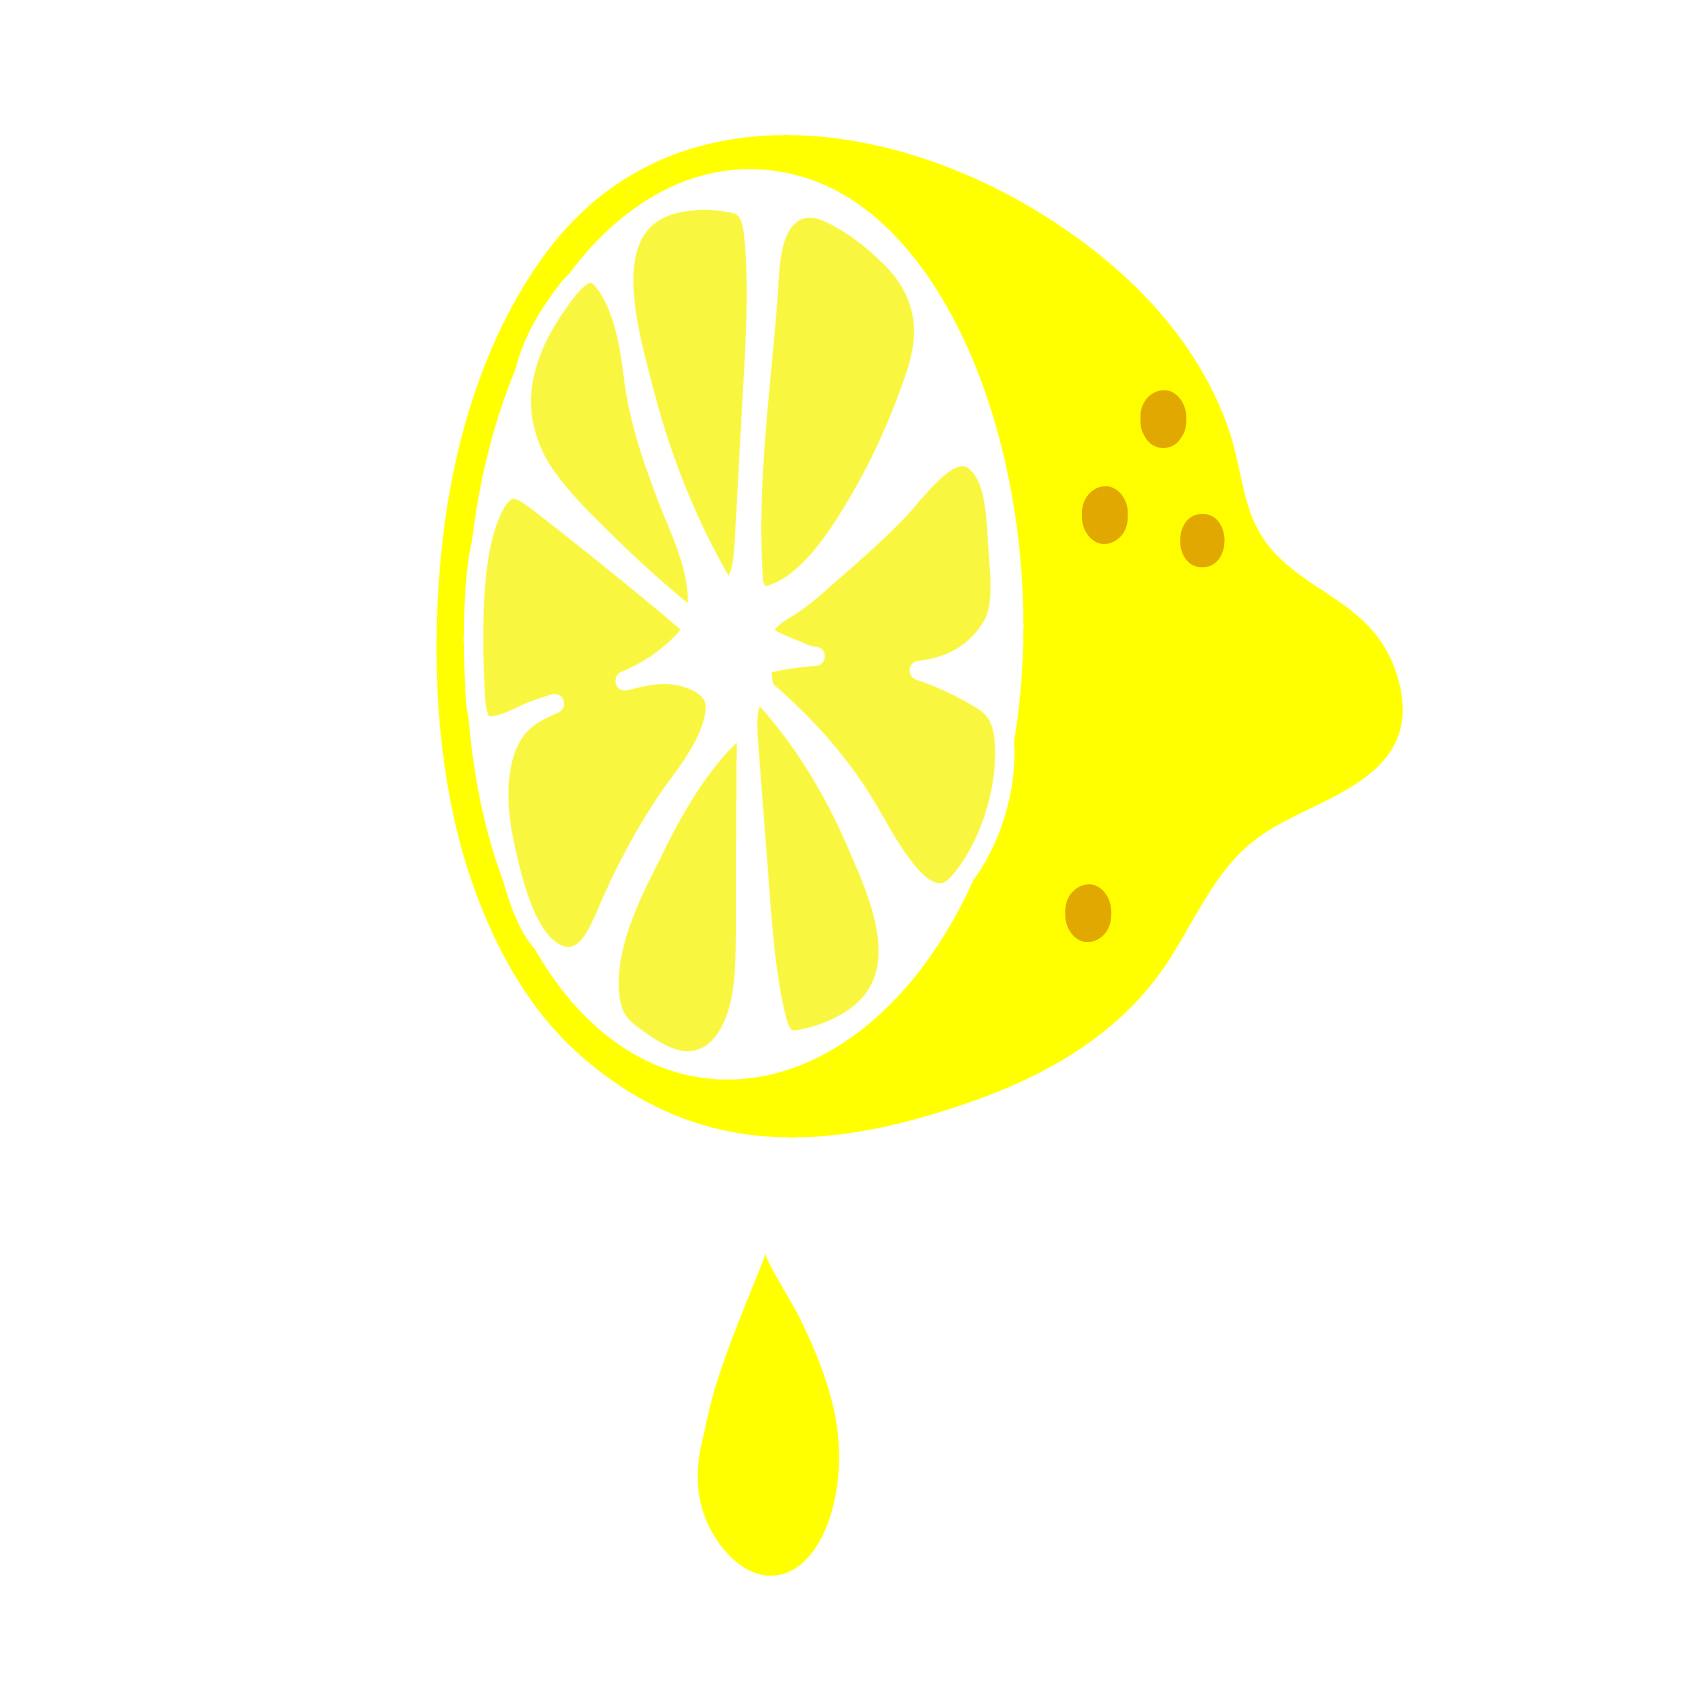 Lemon-Aid Logos-04.jpg